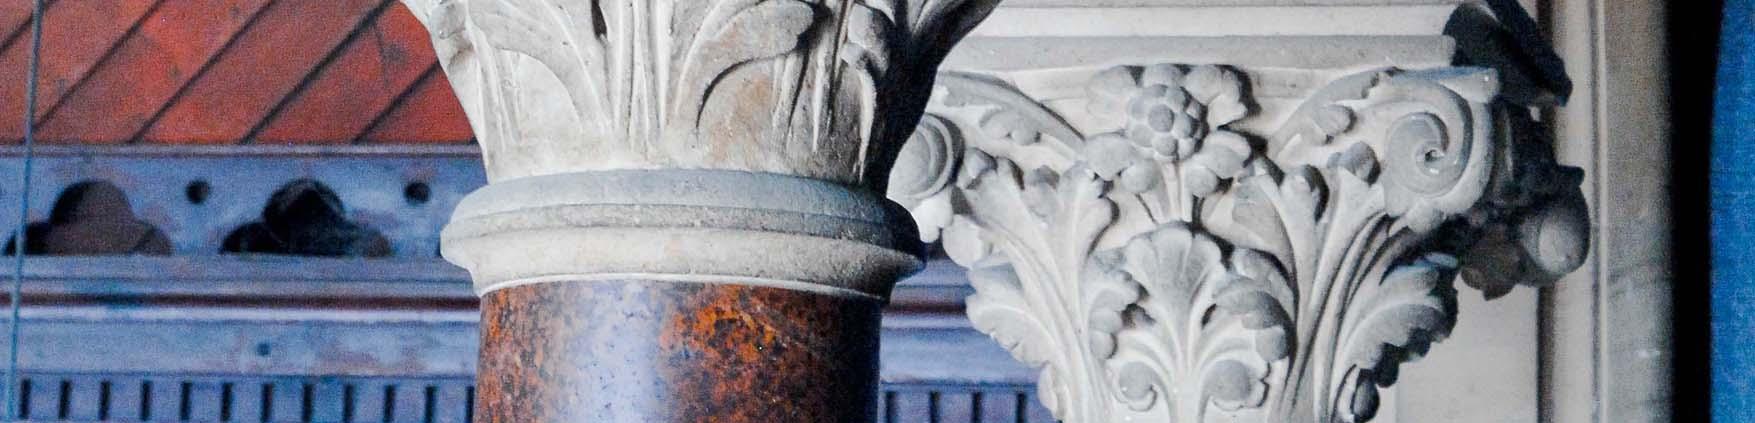 corinthian column by T Morgan Owen